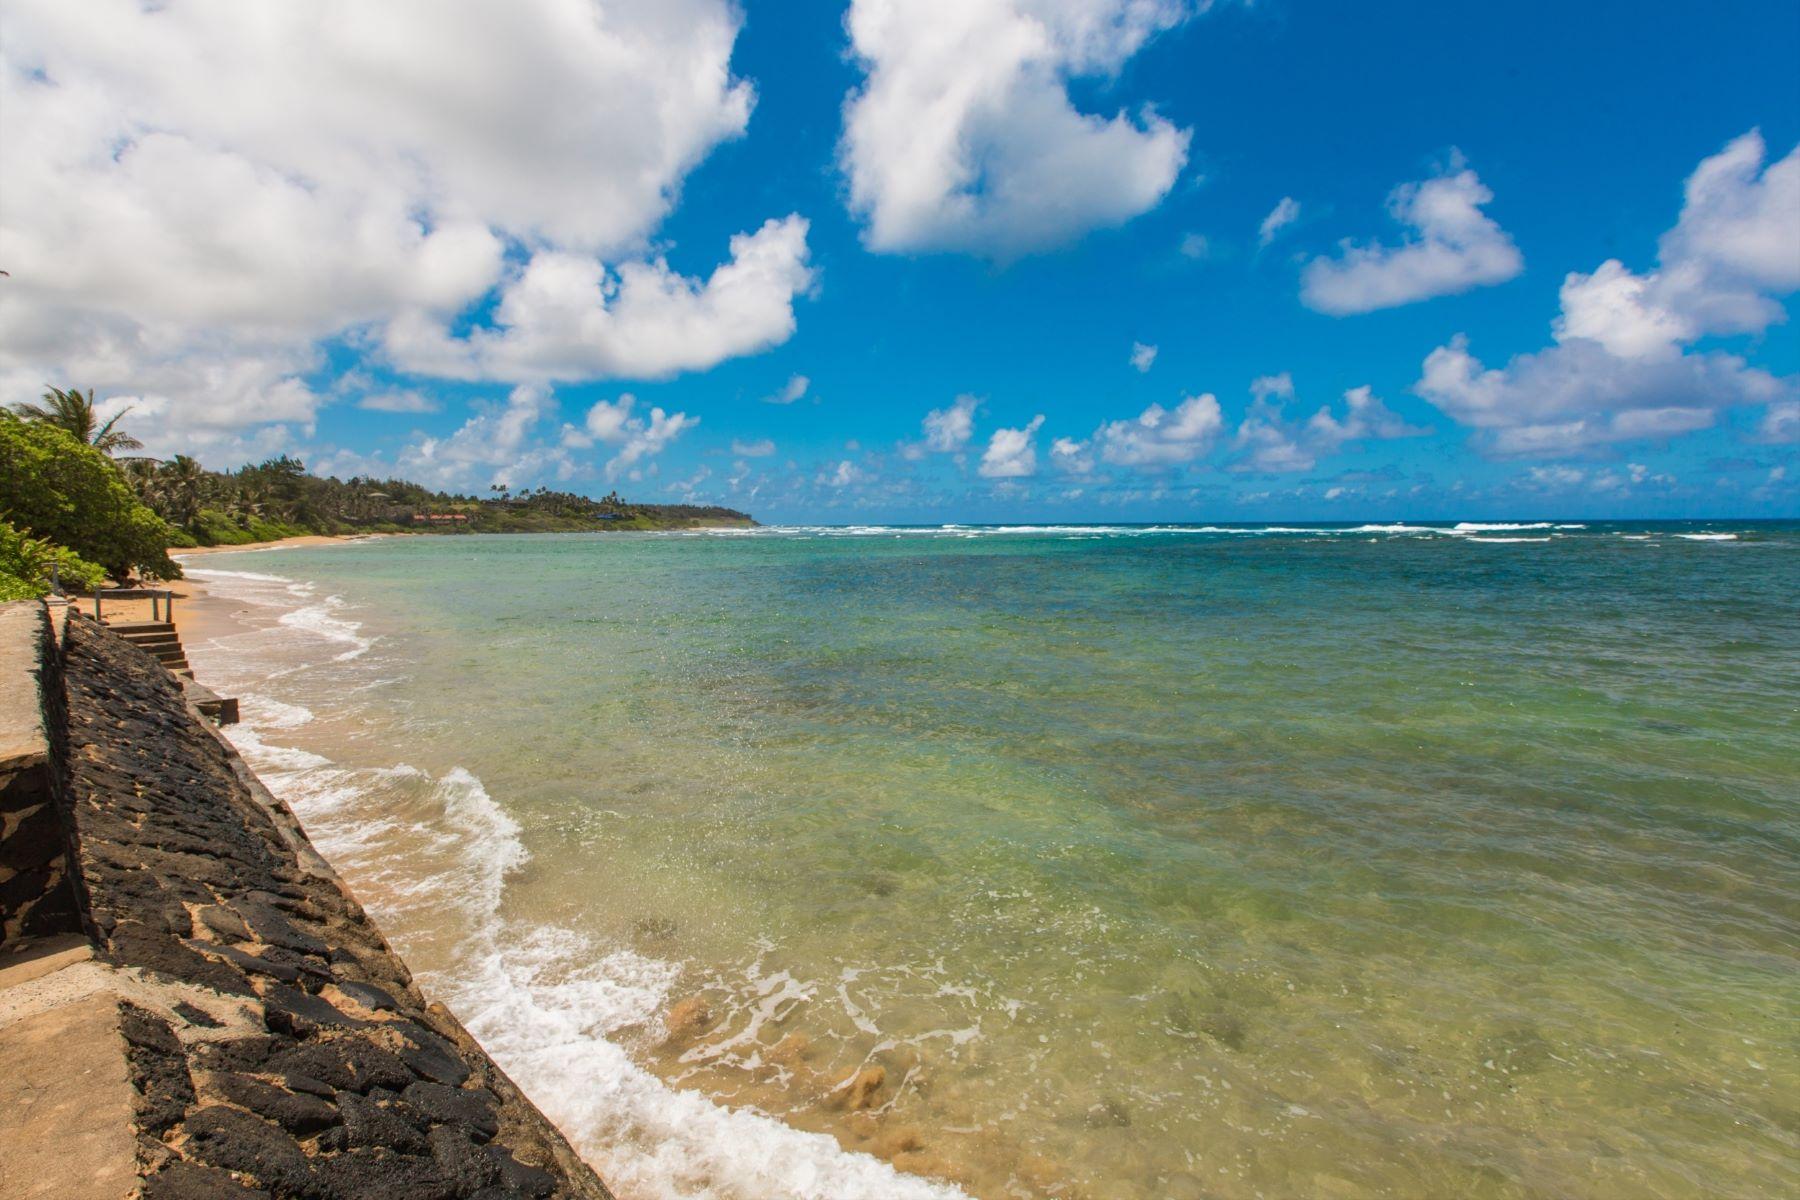 Casa Unifamiliar por un Venta en Amazing Ocean Views in Sunny Anahola 4920 Aliomanu Road Anahola, Hawaii, 96703 Estados Unidos